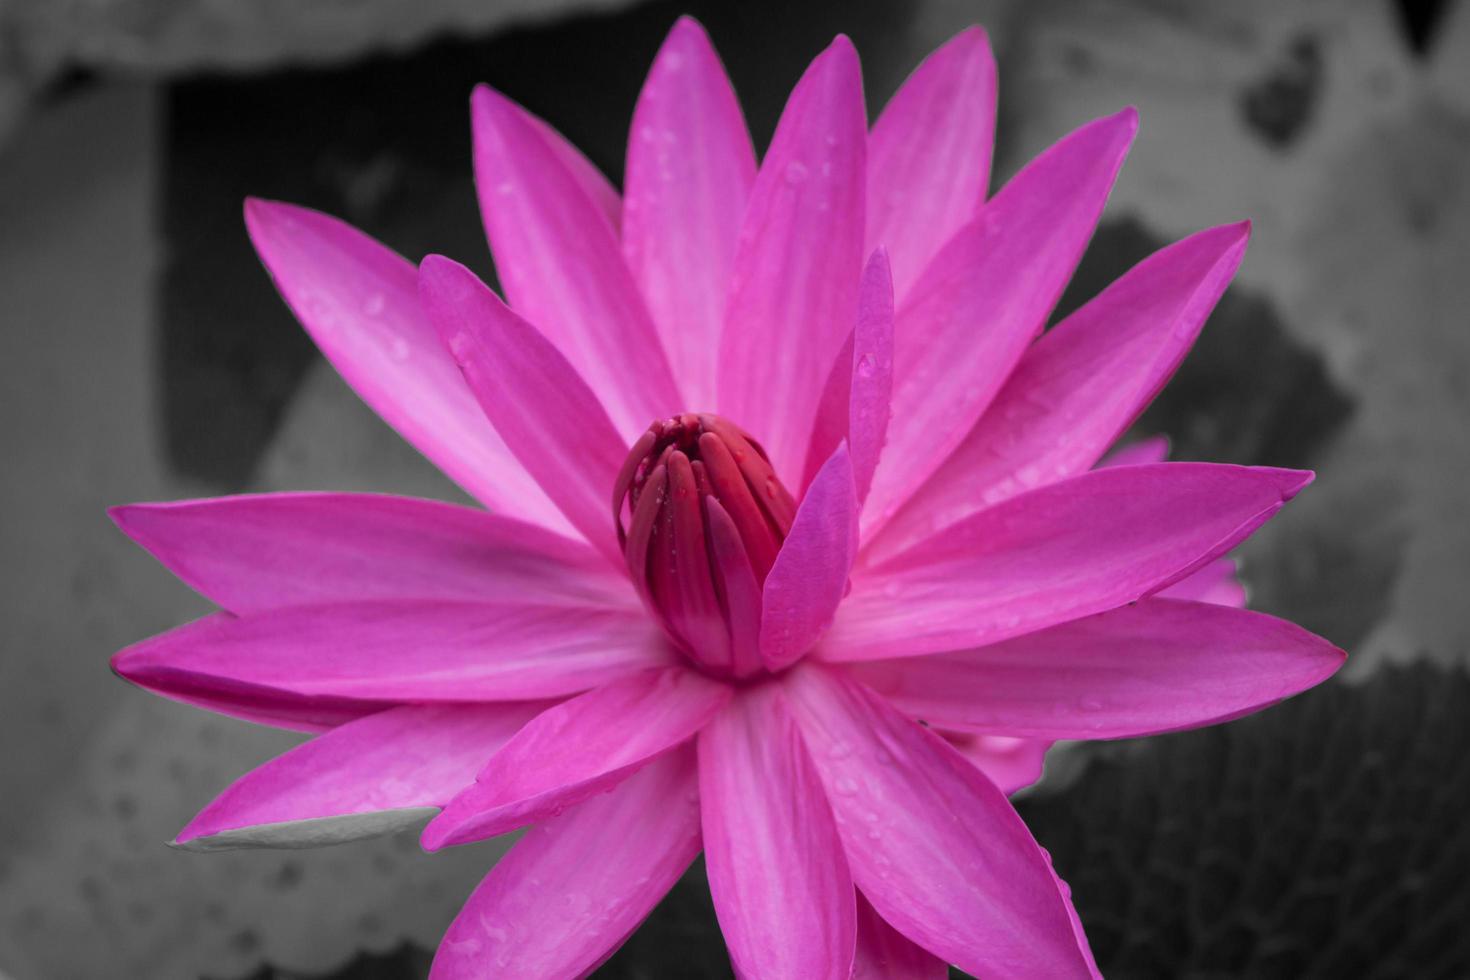 rosa Lotusblüte foto